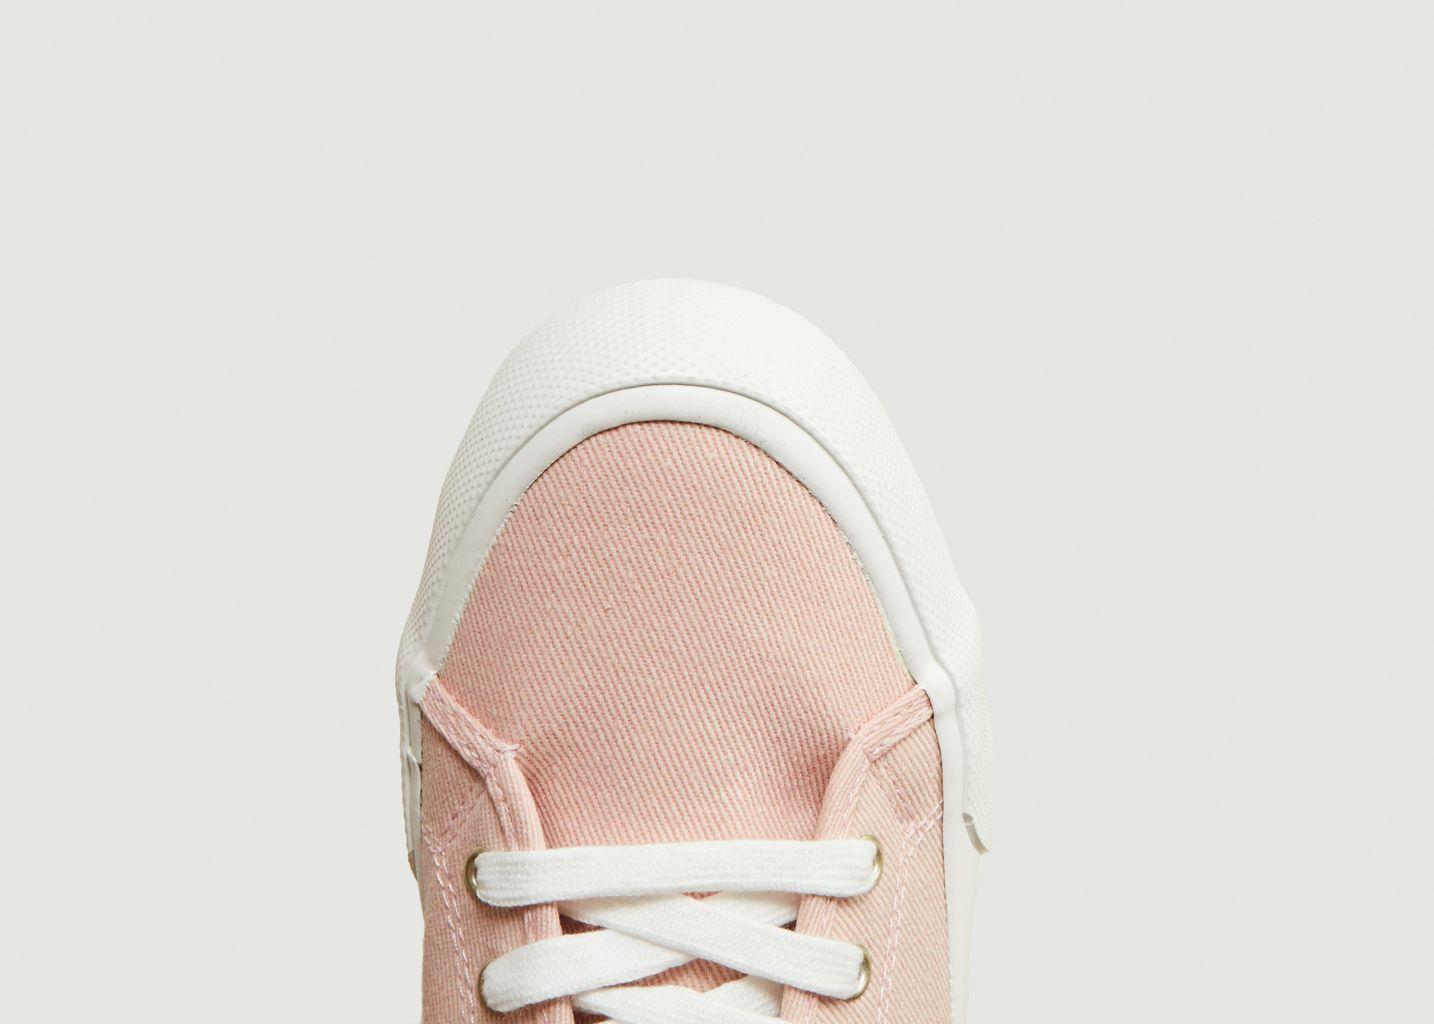 Henriette Sneakers - M. Moustache